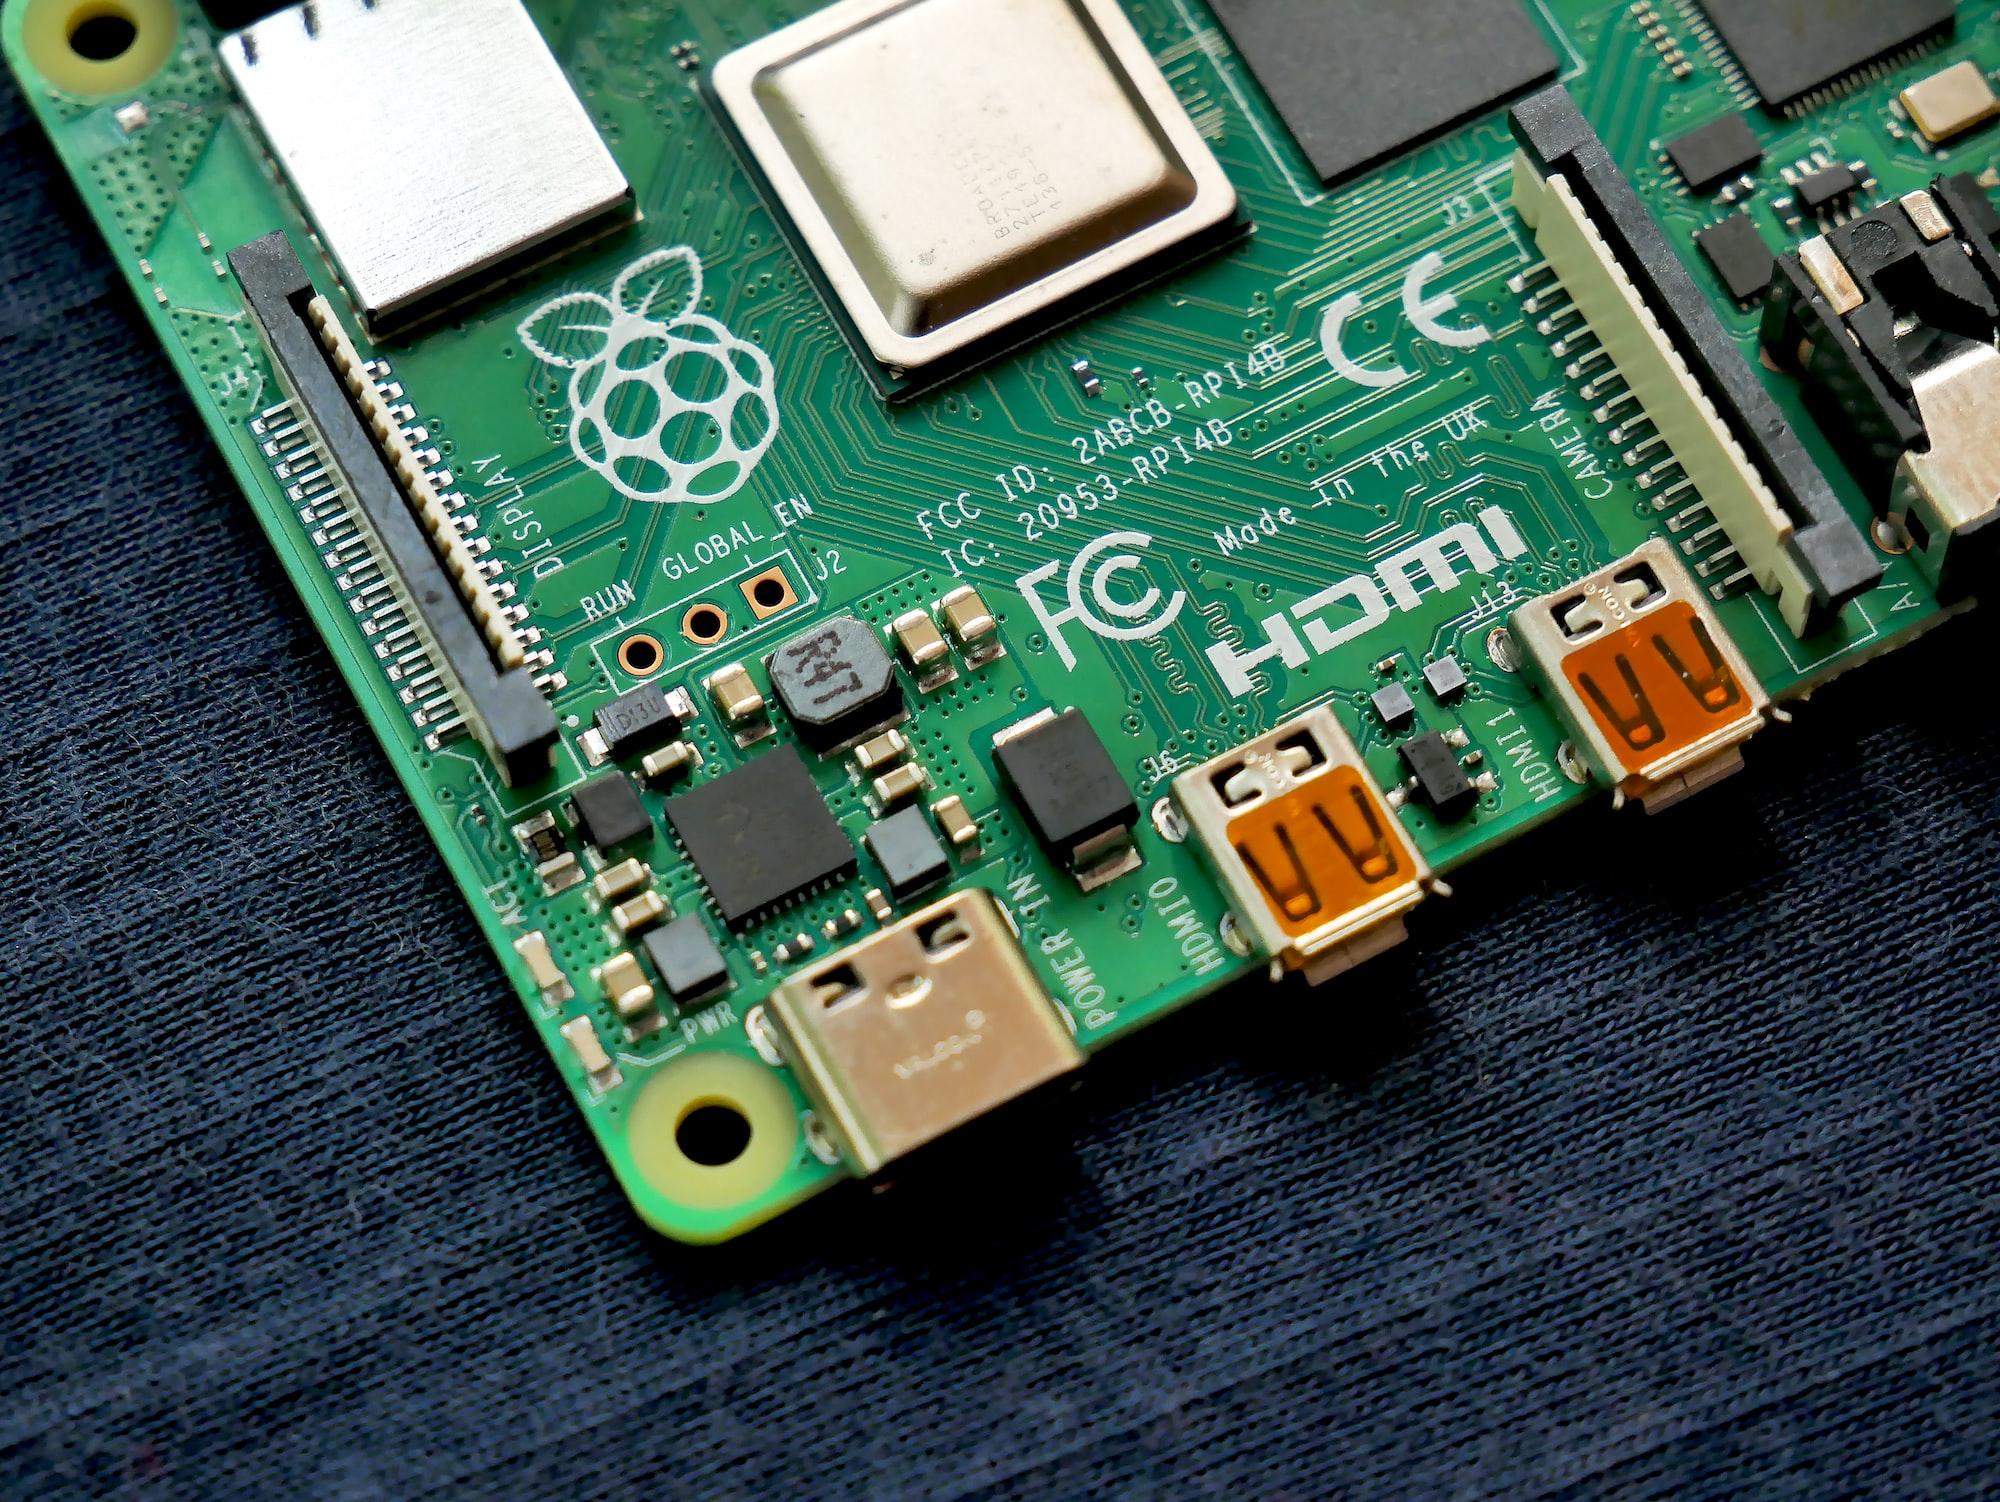 Install and run Raspbian from a USB Flash Drive